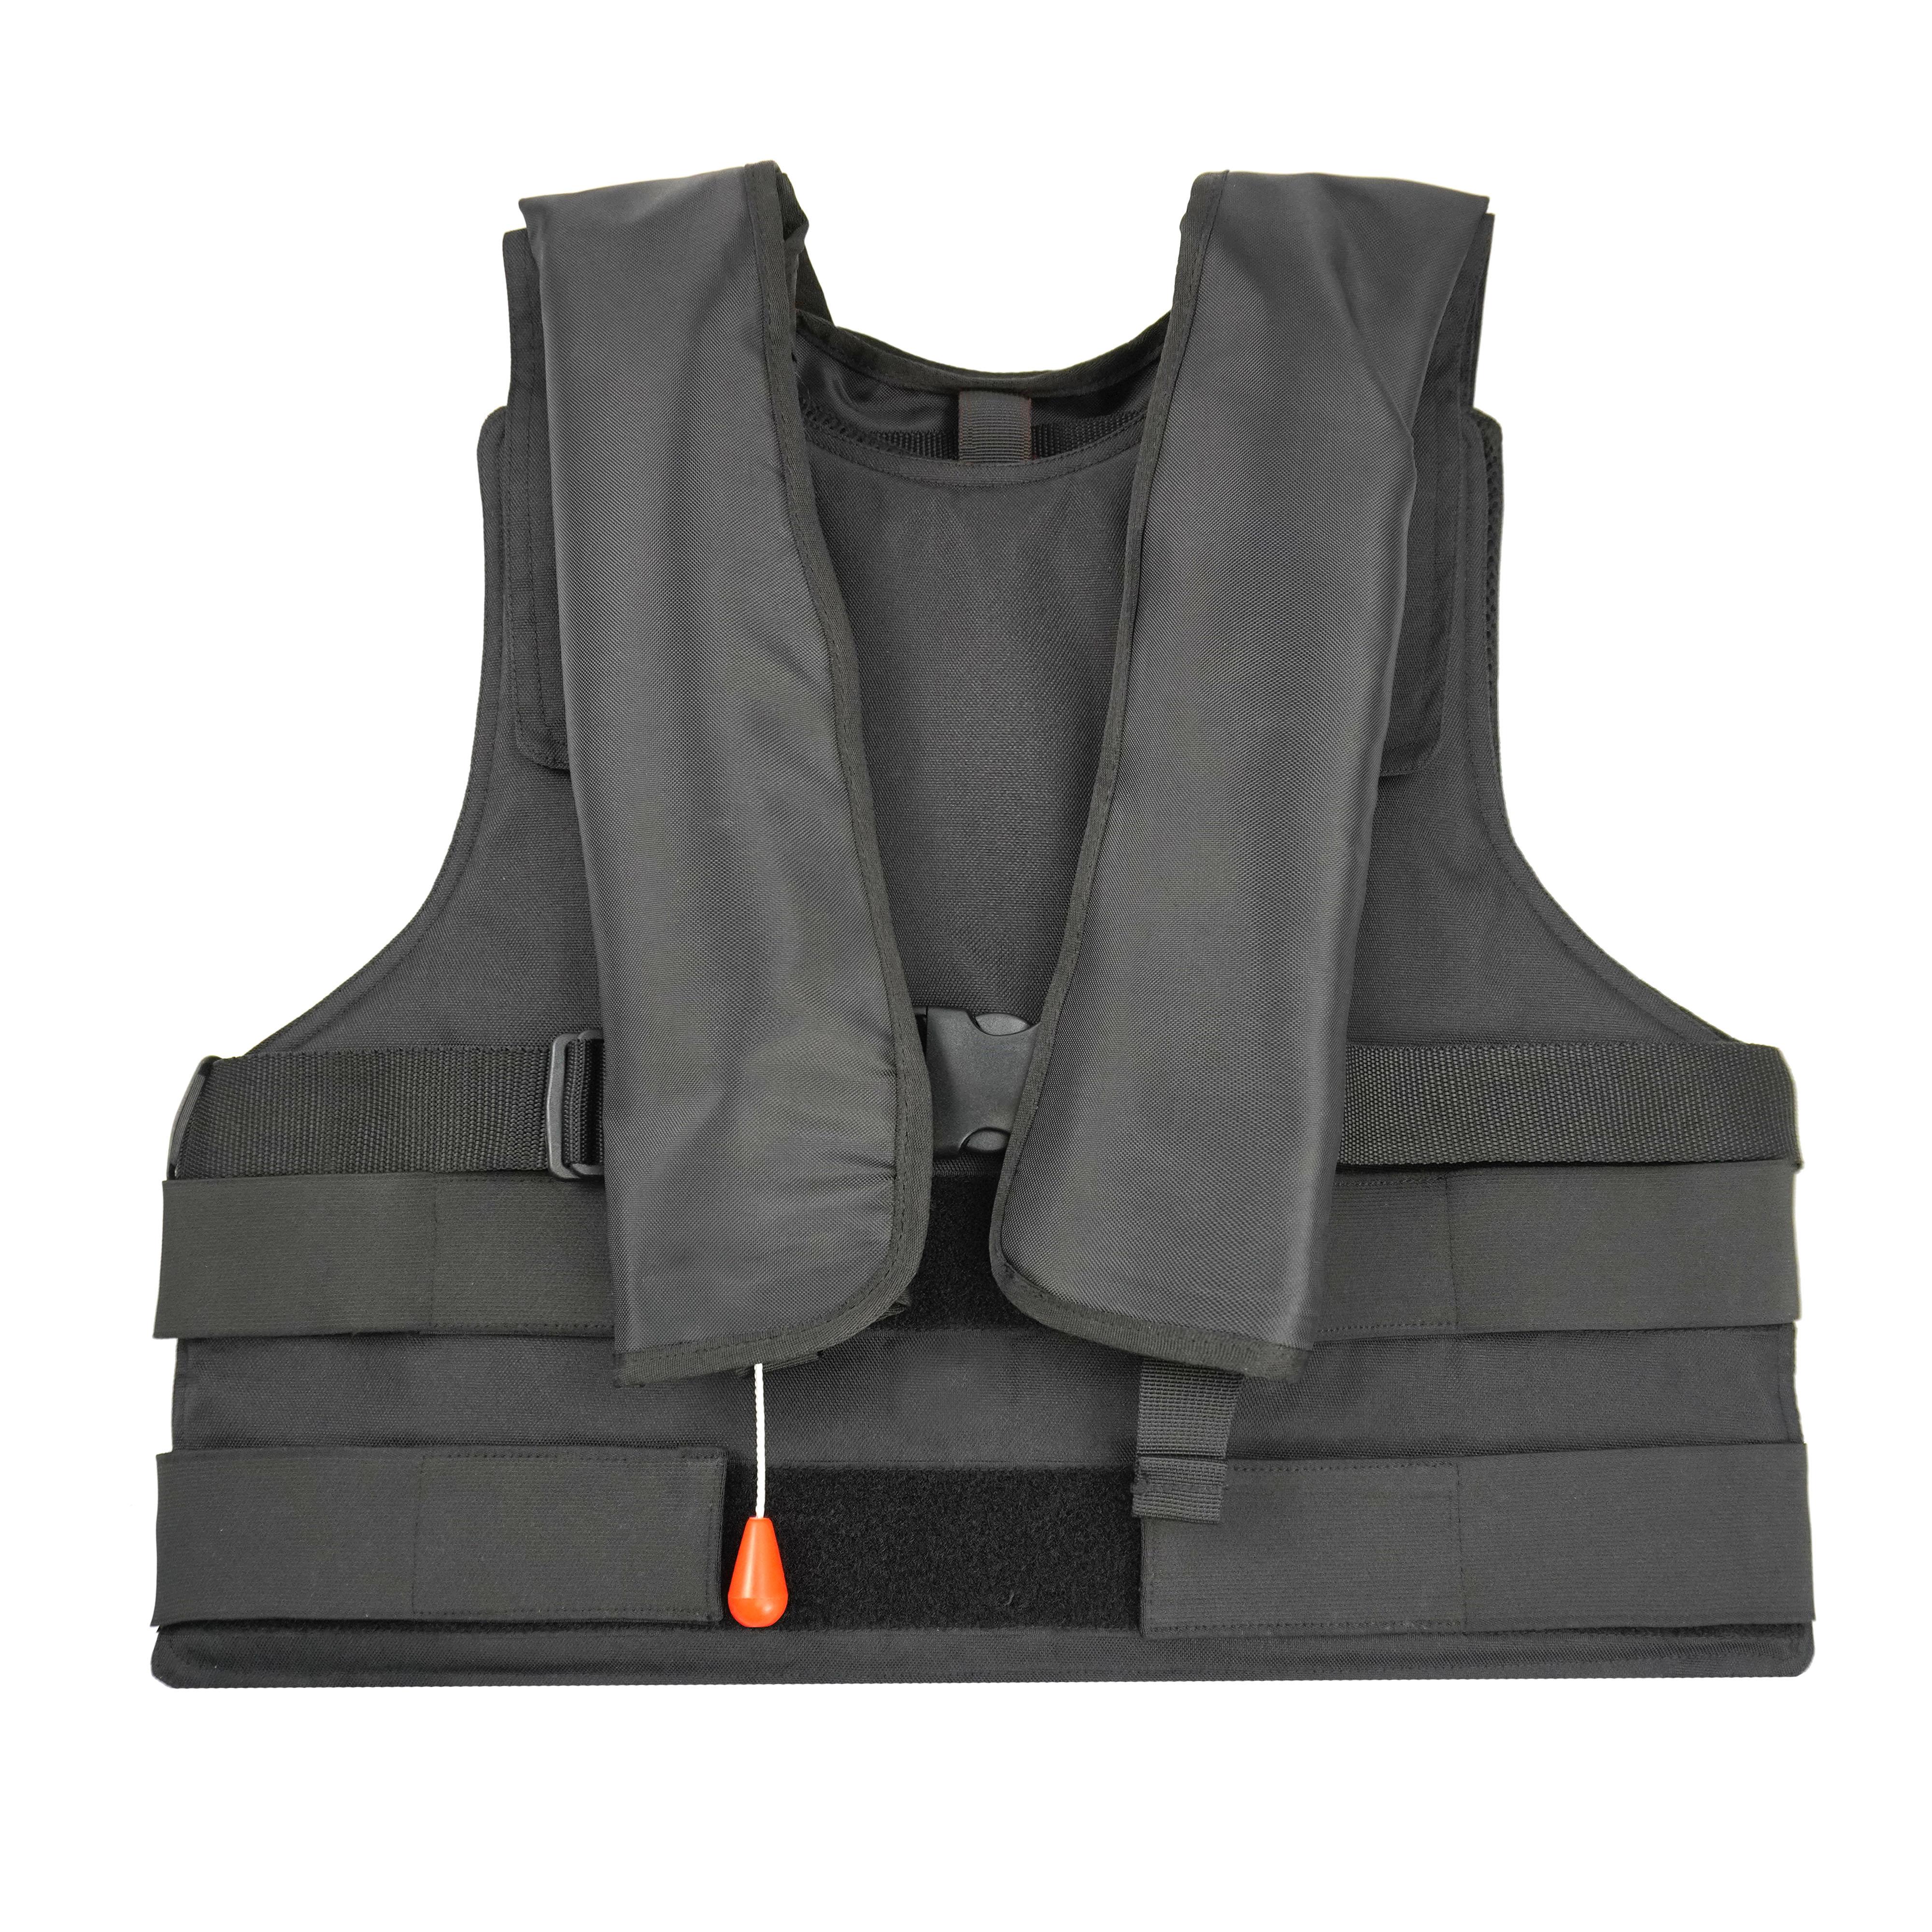 NIJ IIIA级充气式防弹衣